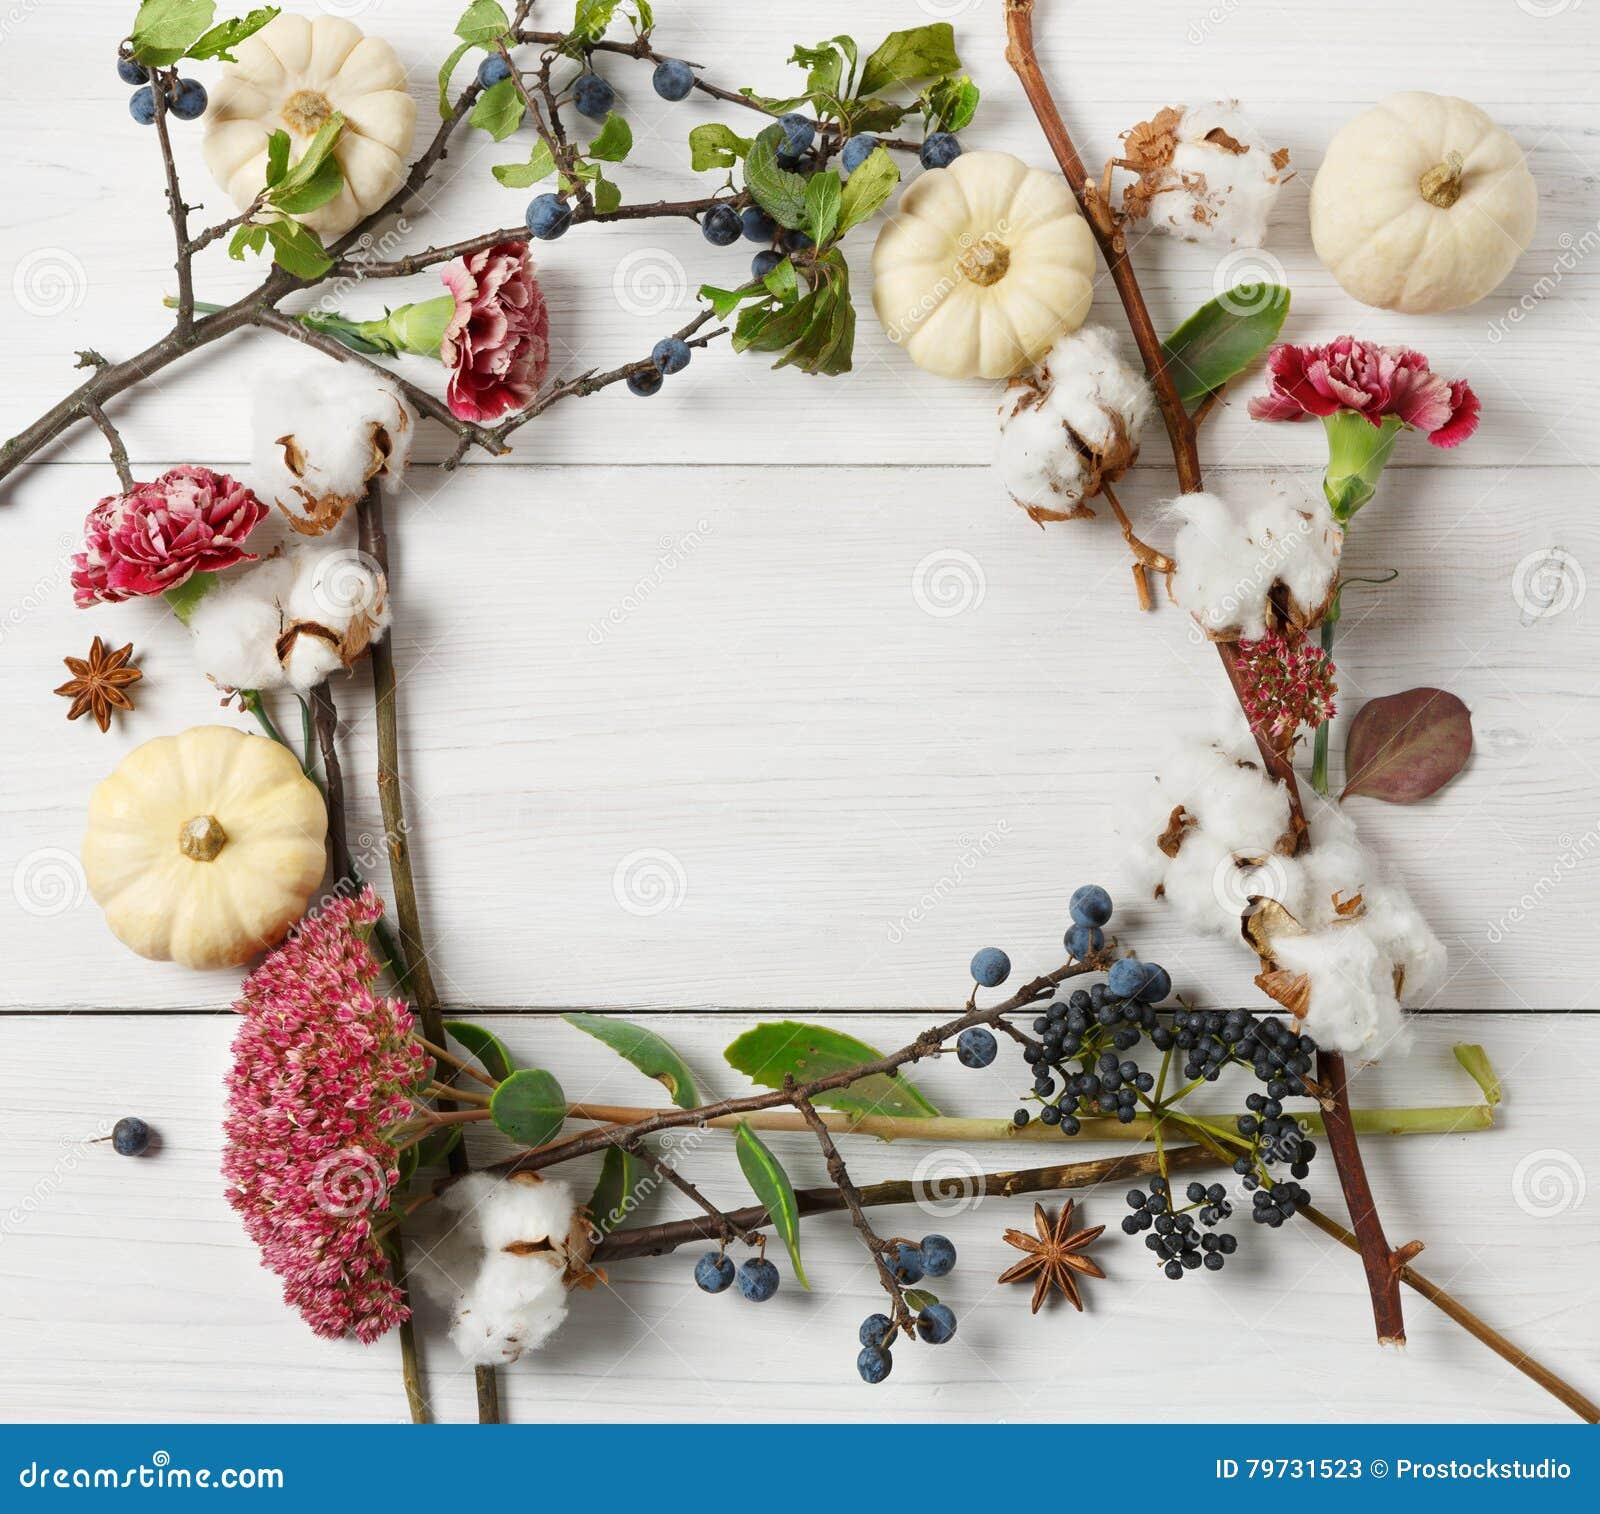 Marco del otoño de flores secadas en la madera blanca, fondo